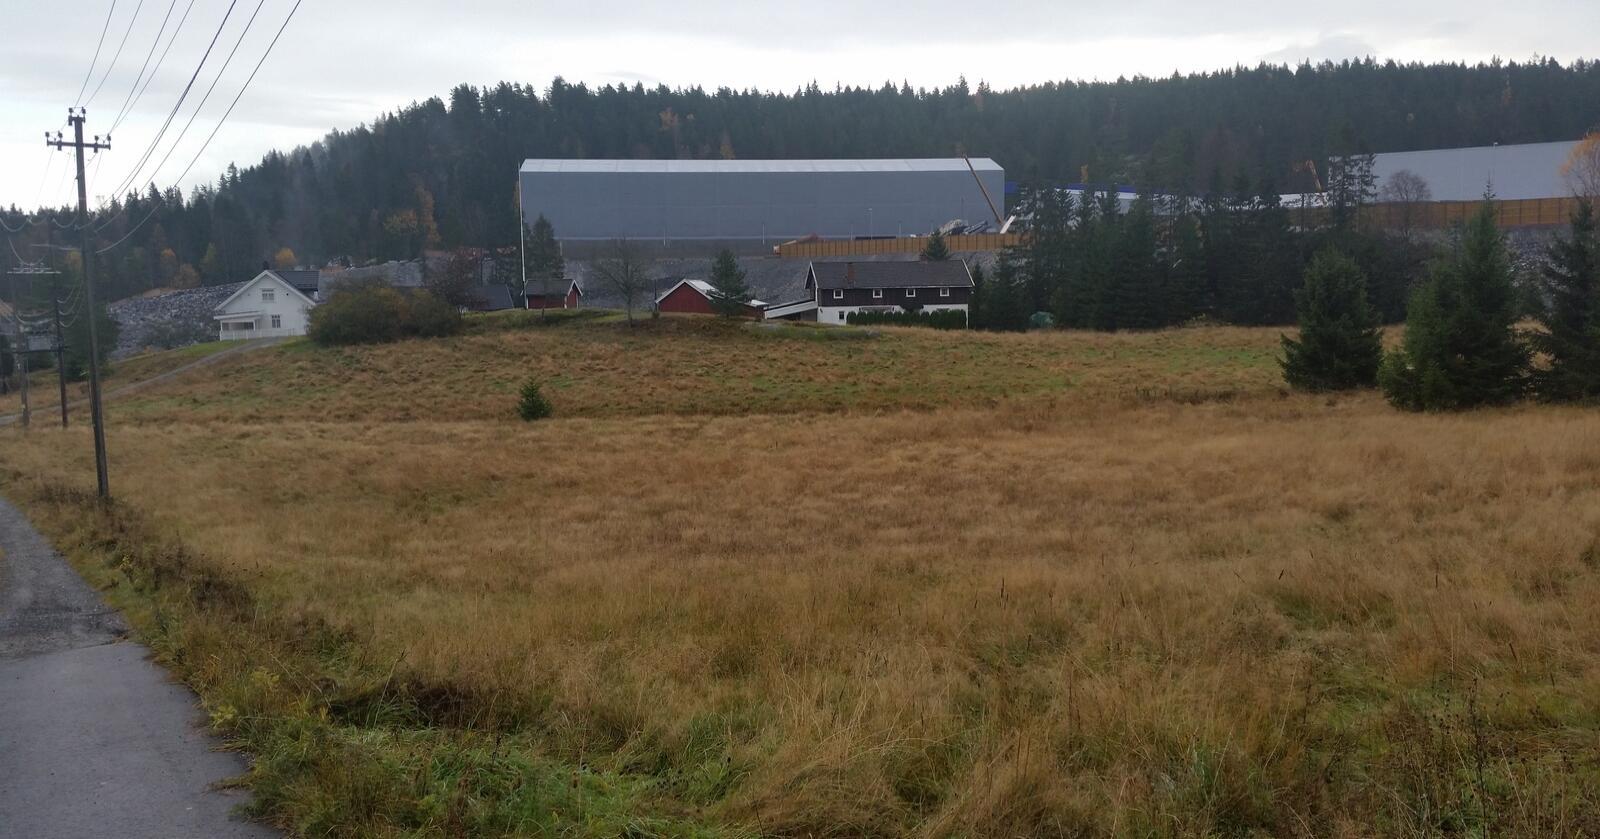 Småbruket på Holstad gård i Oslo er overtatt av Bane NOR som deponi for fyllmasse fra den nye tunnelen på Follobanen. Foto: Advokat Tryti